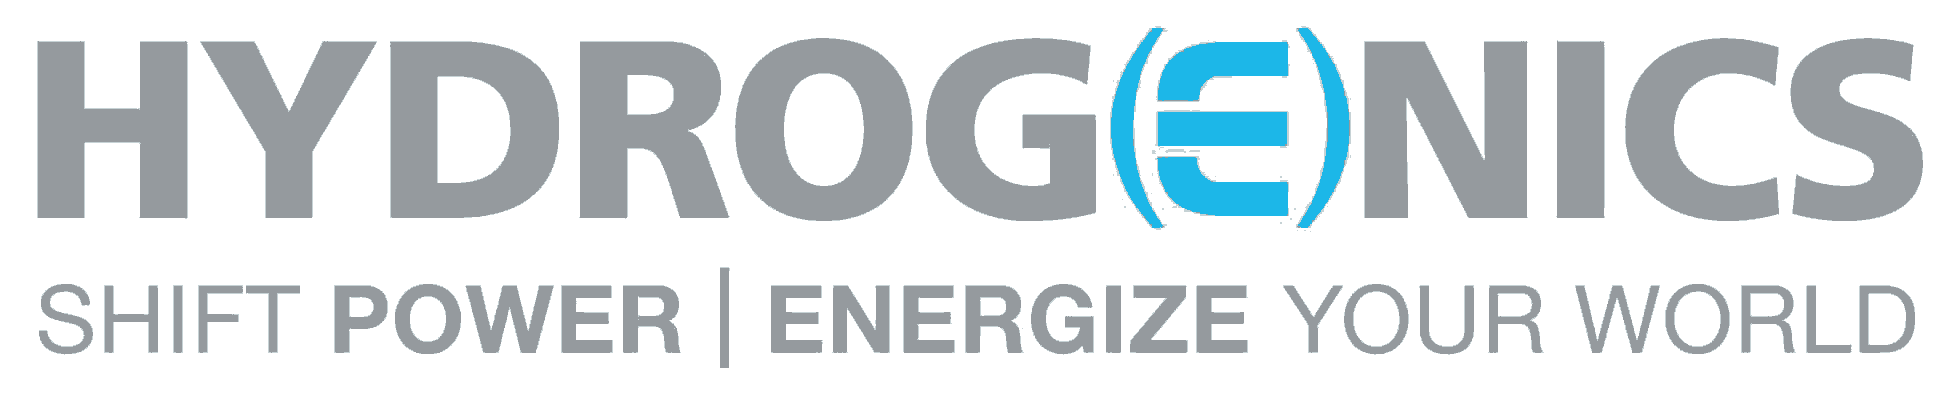 Hydrogenics_logo.png